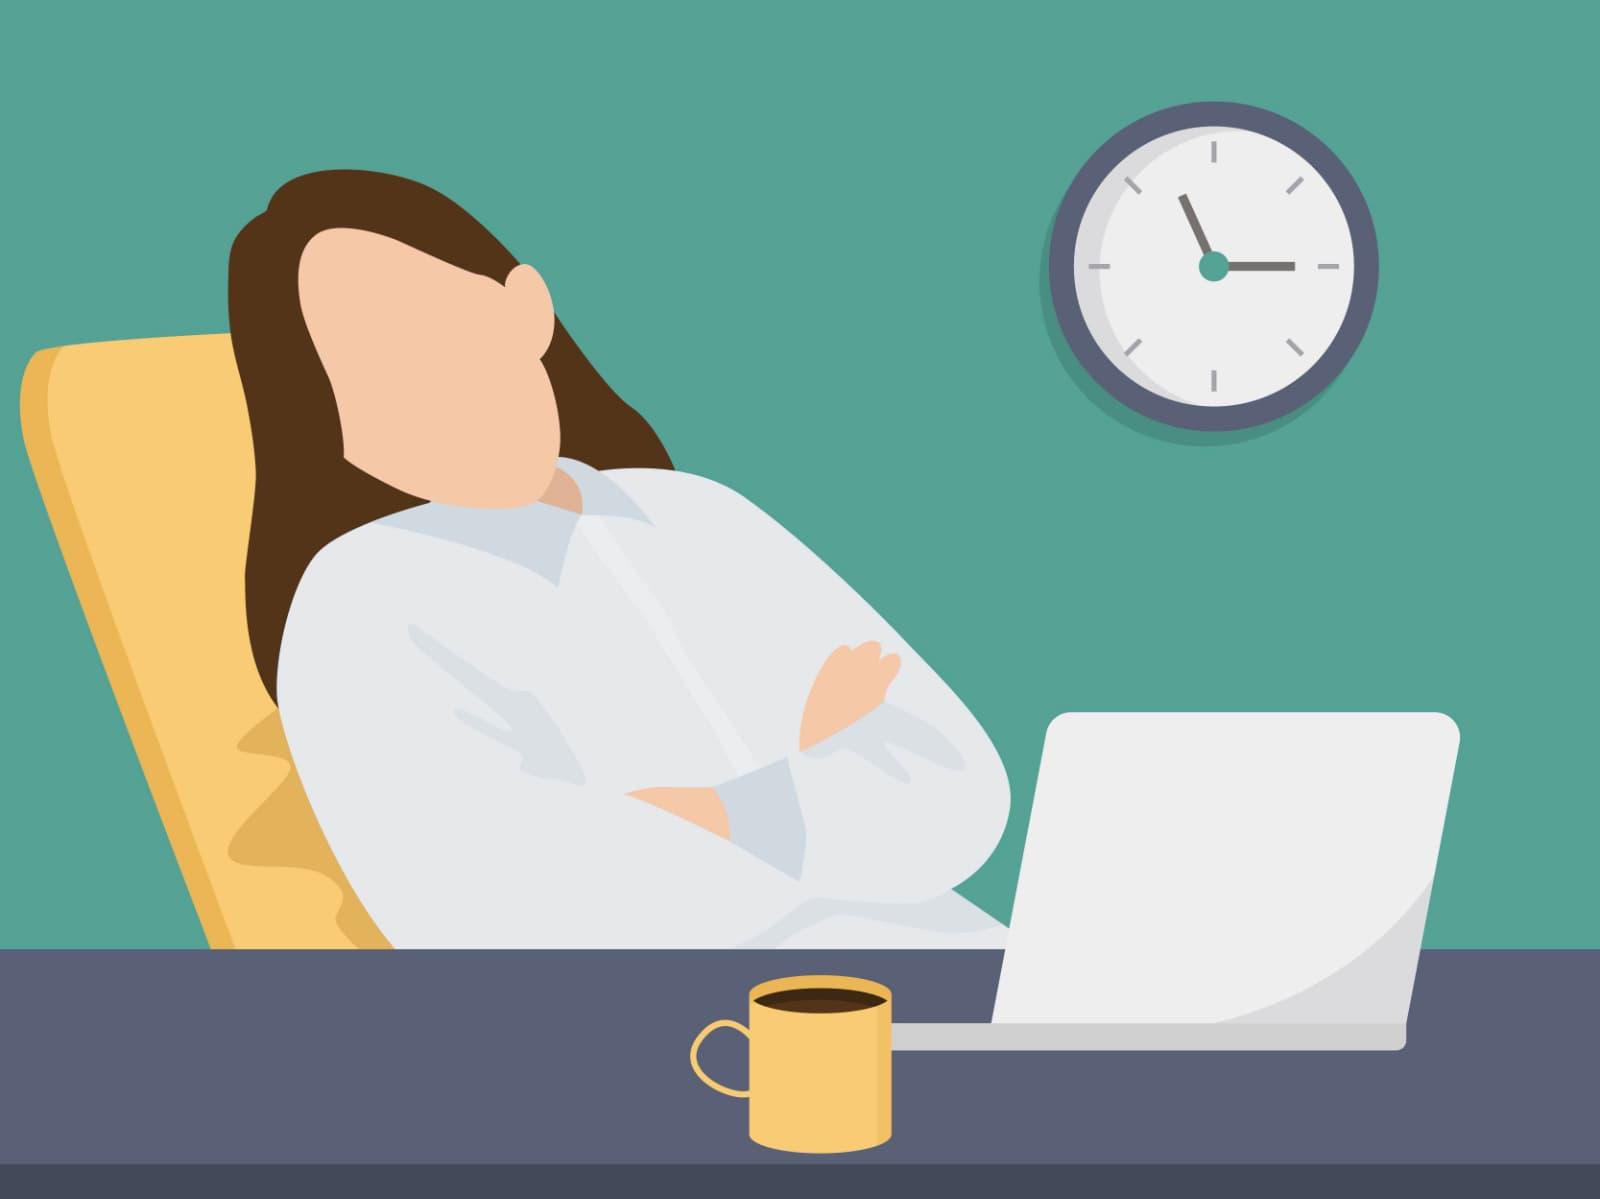 Schlafen im Büro: Ein Powernap sollte nicht länger als 30 Minuten dauern.